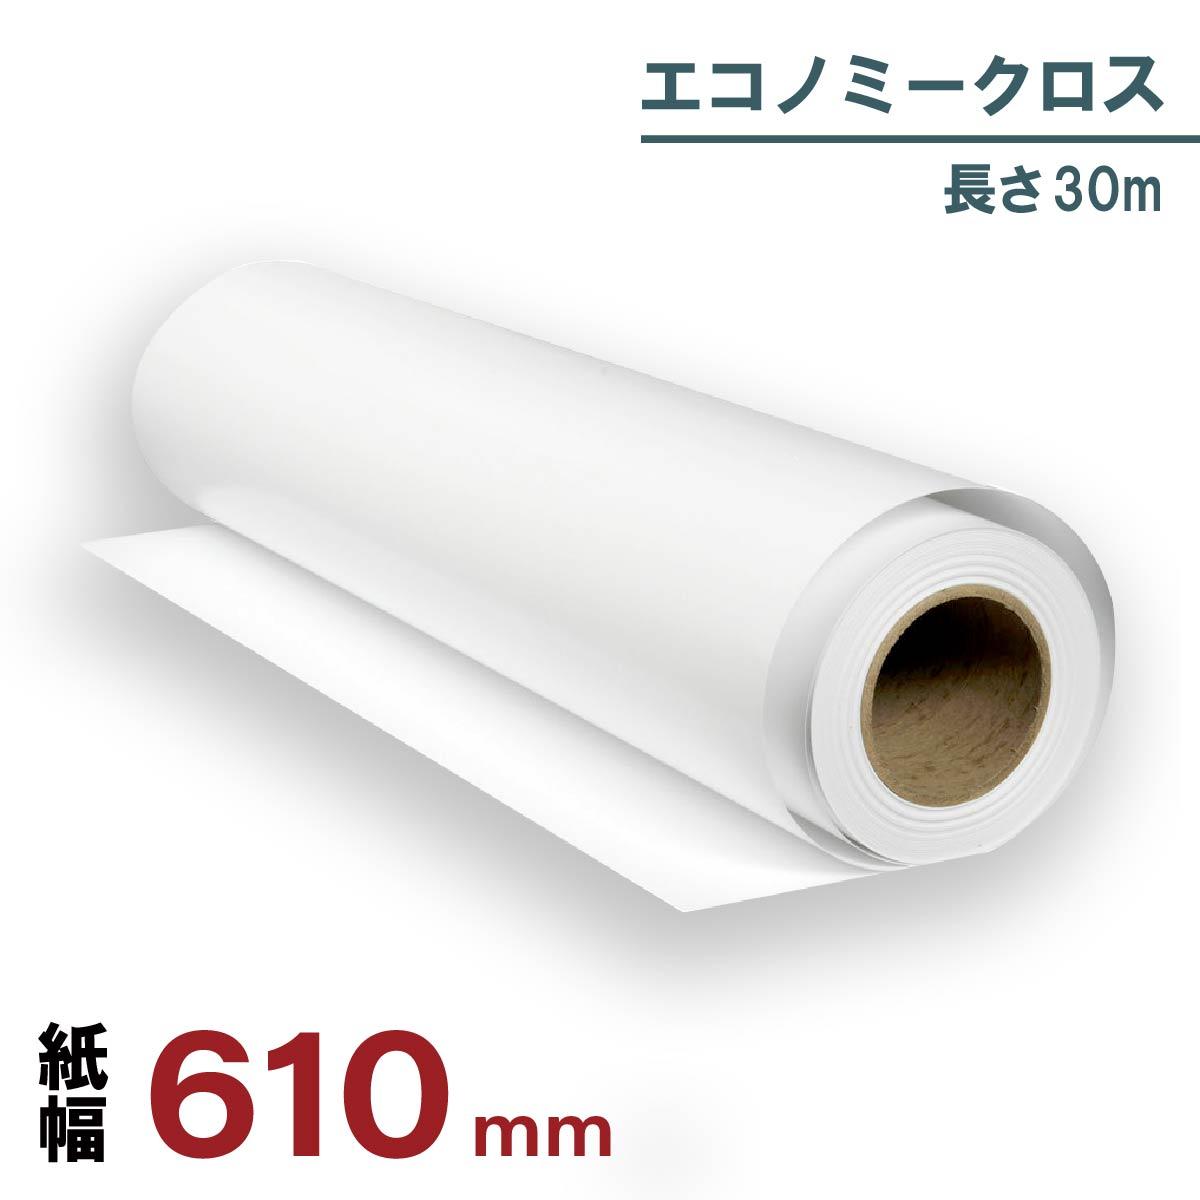 エコノミークロス 610mm×30m